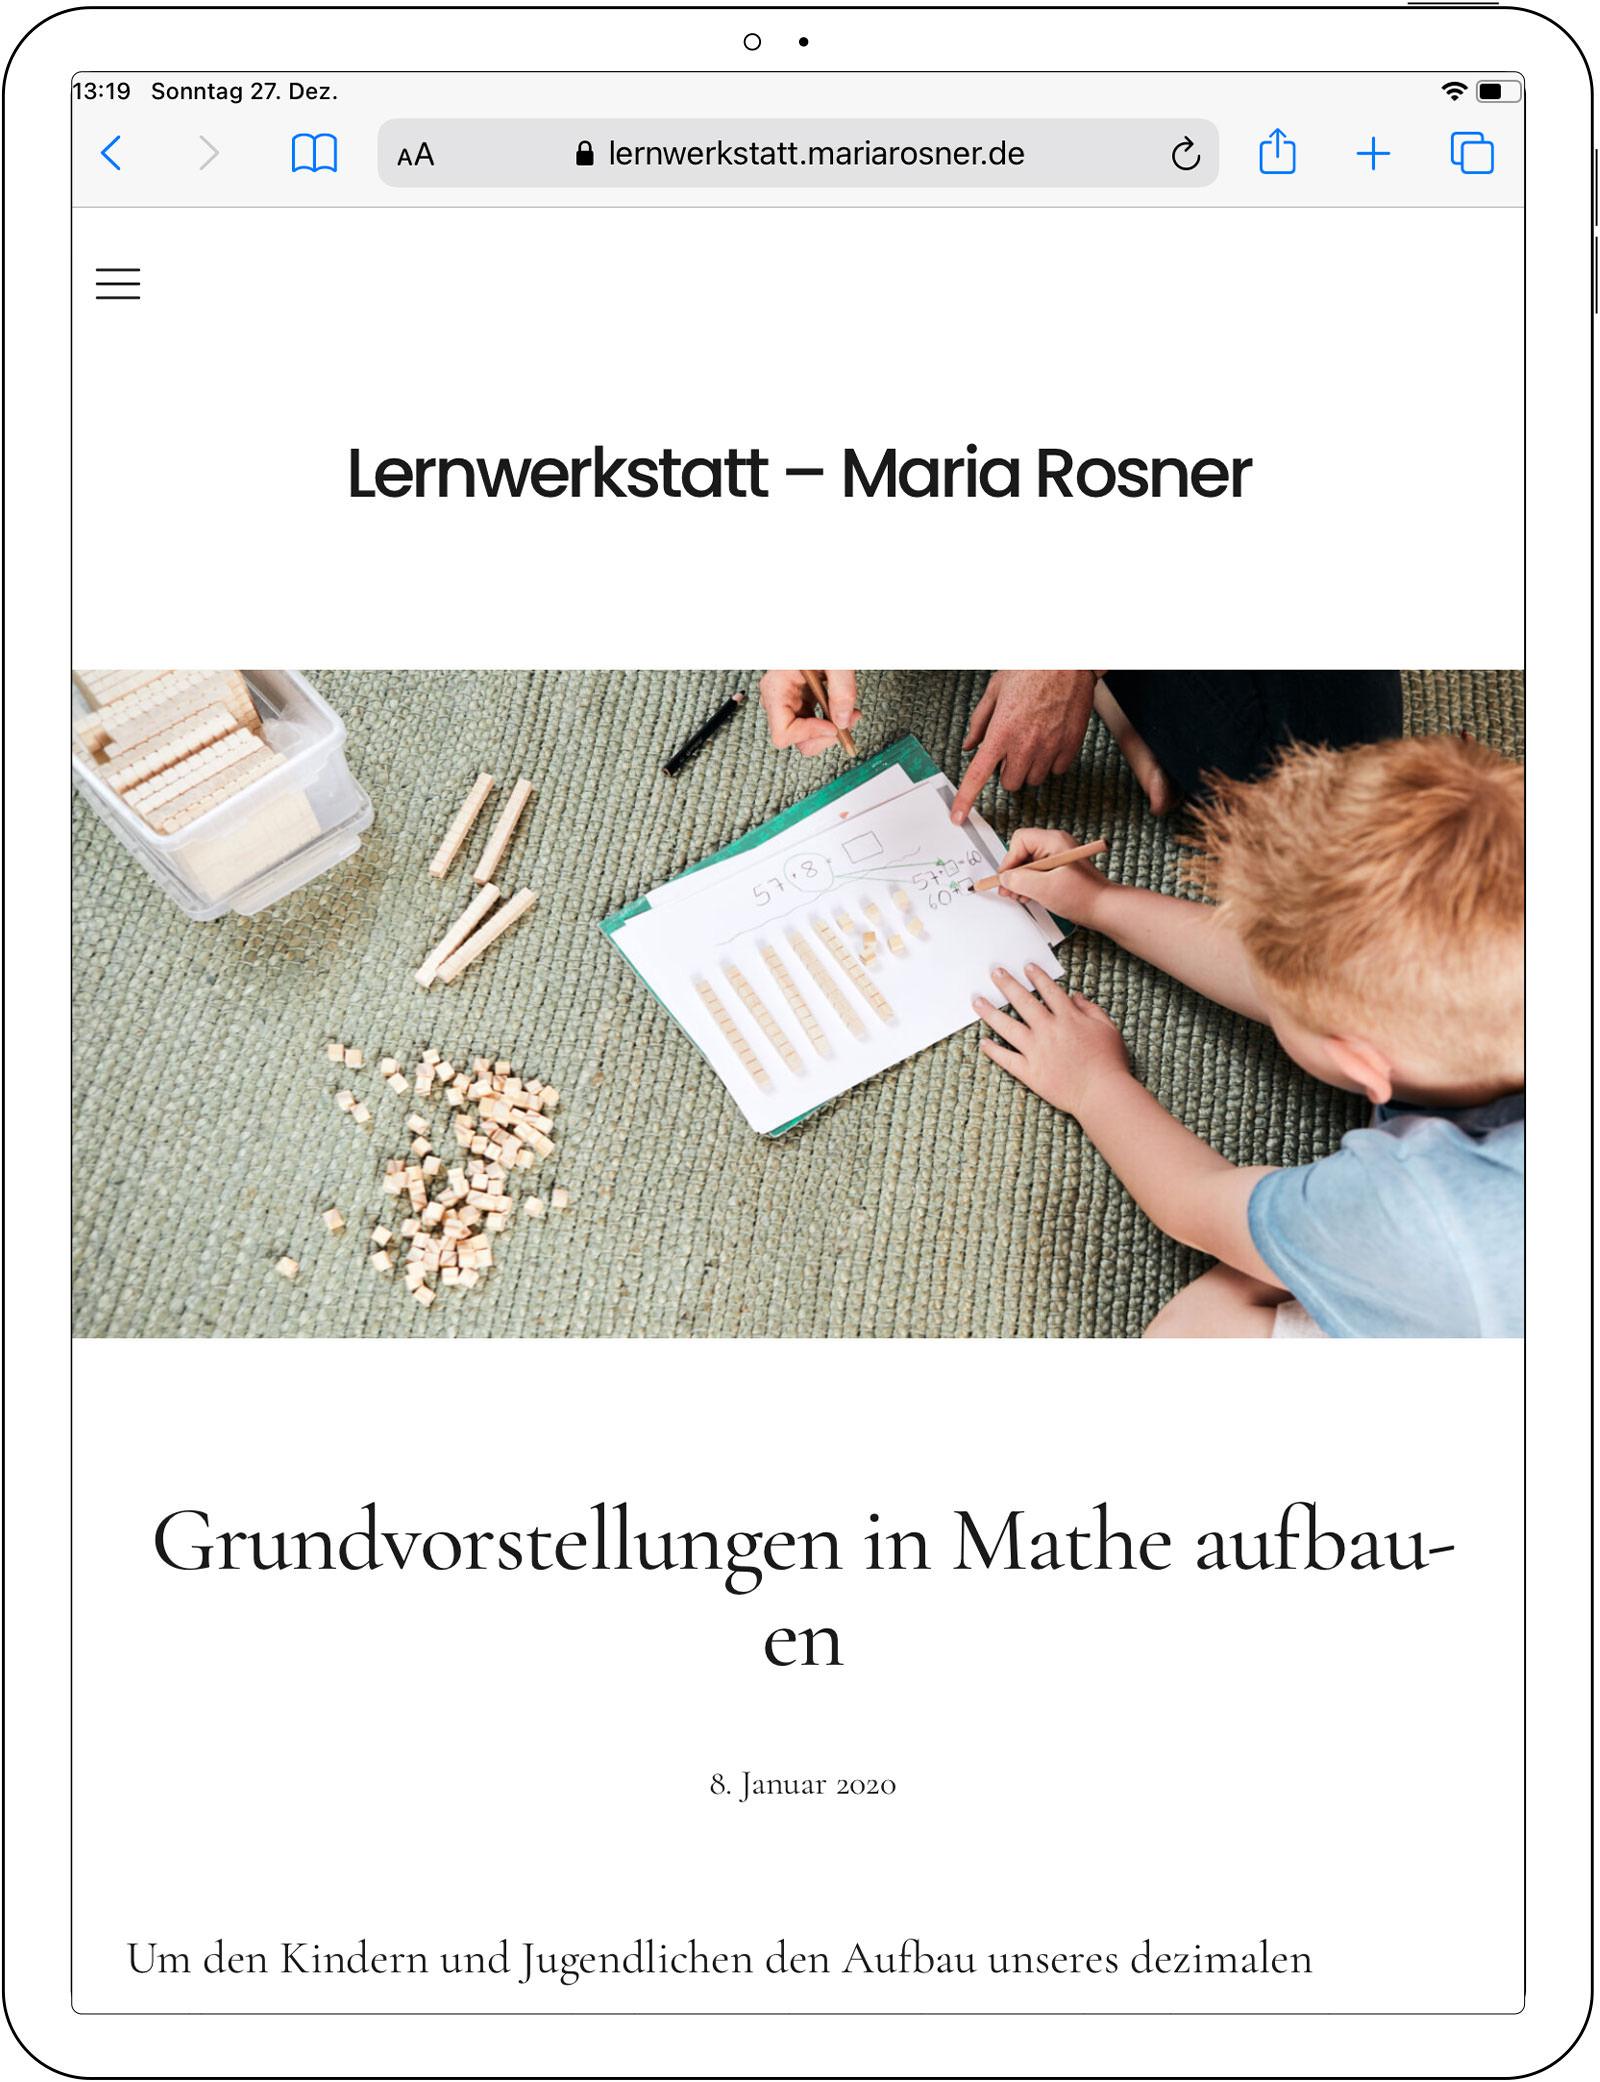 Foto-Shooting für die neue Webpräsenz von Lernwerkstatt – Maria Rosner, Blitzenreute, nähe Ravensburg, 2020